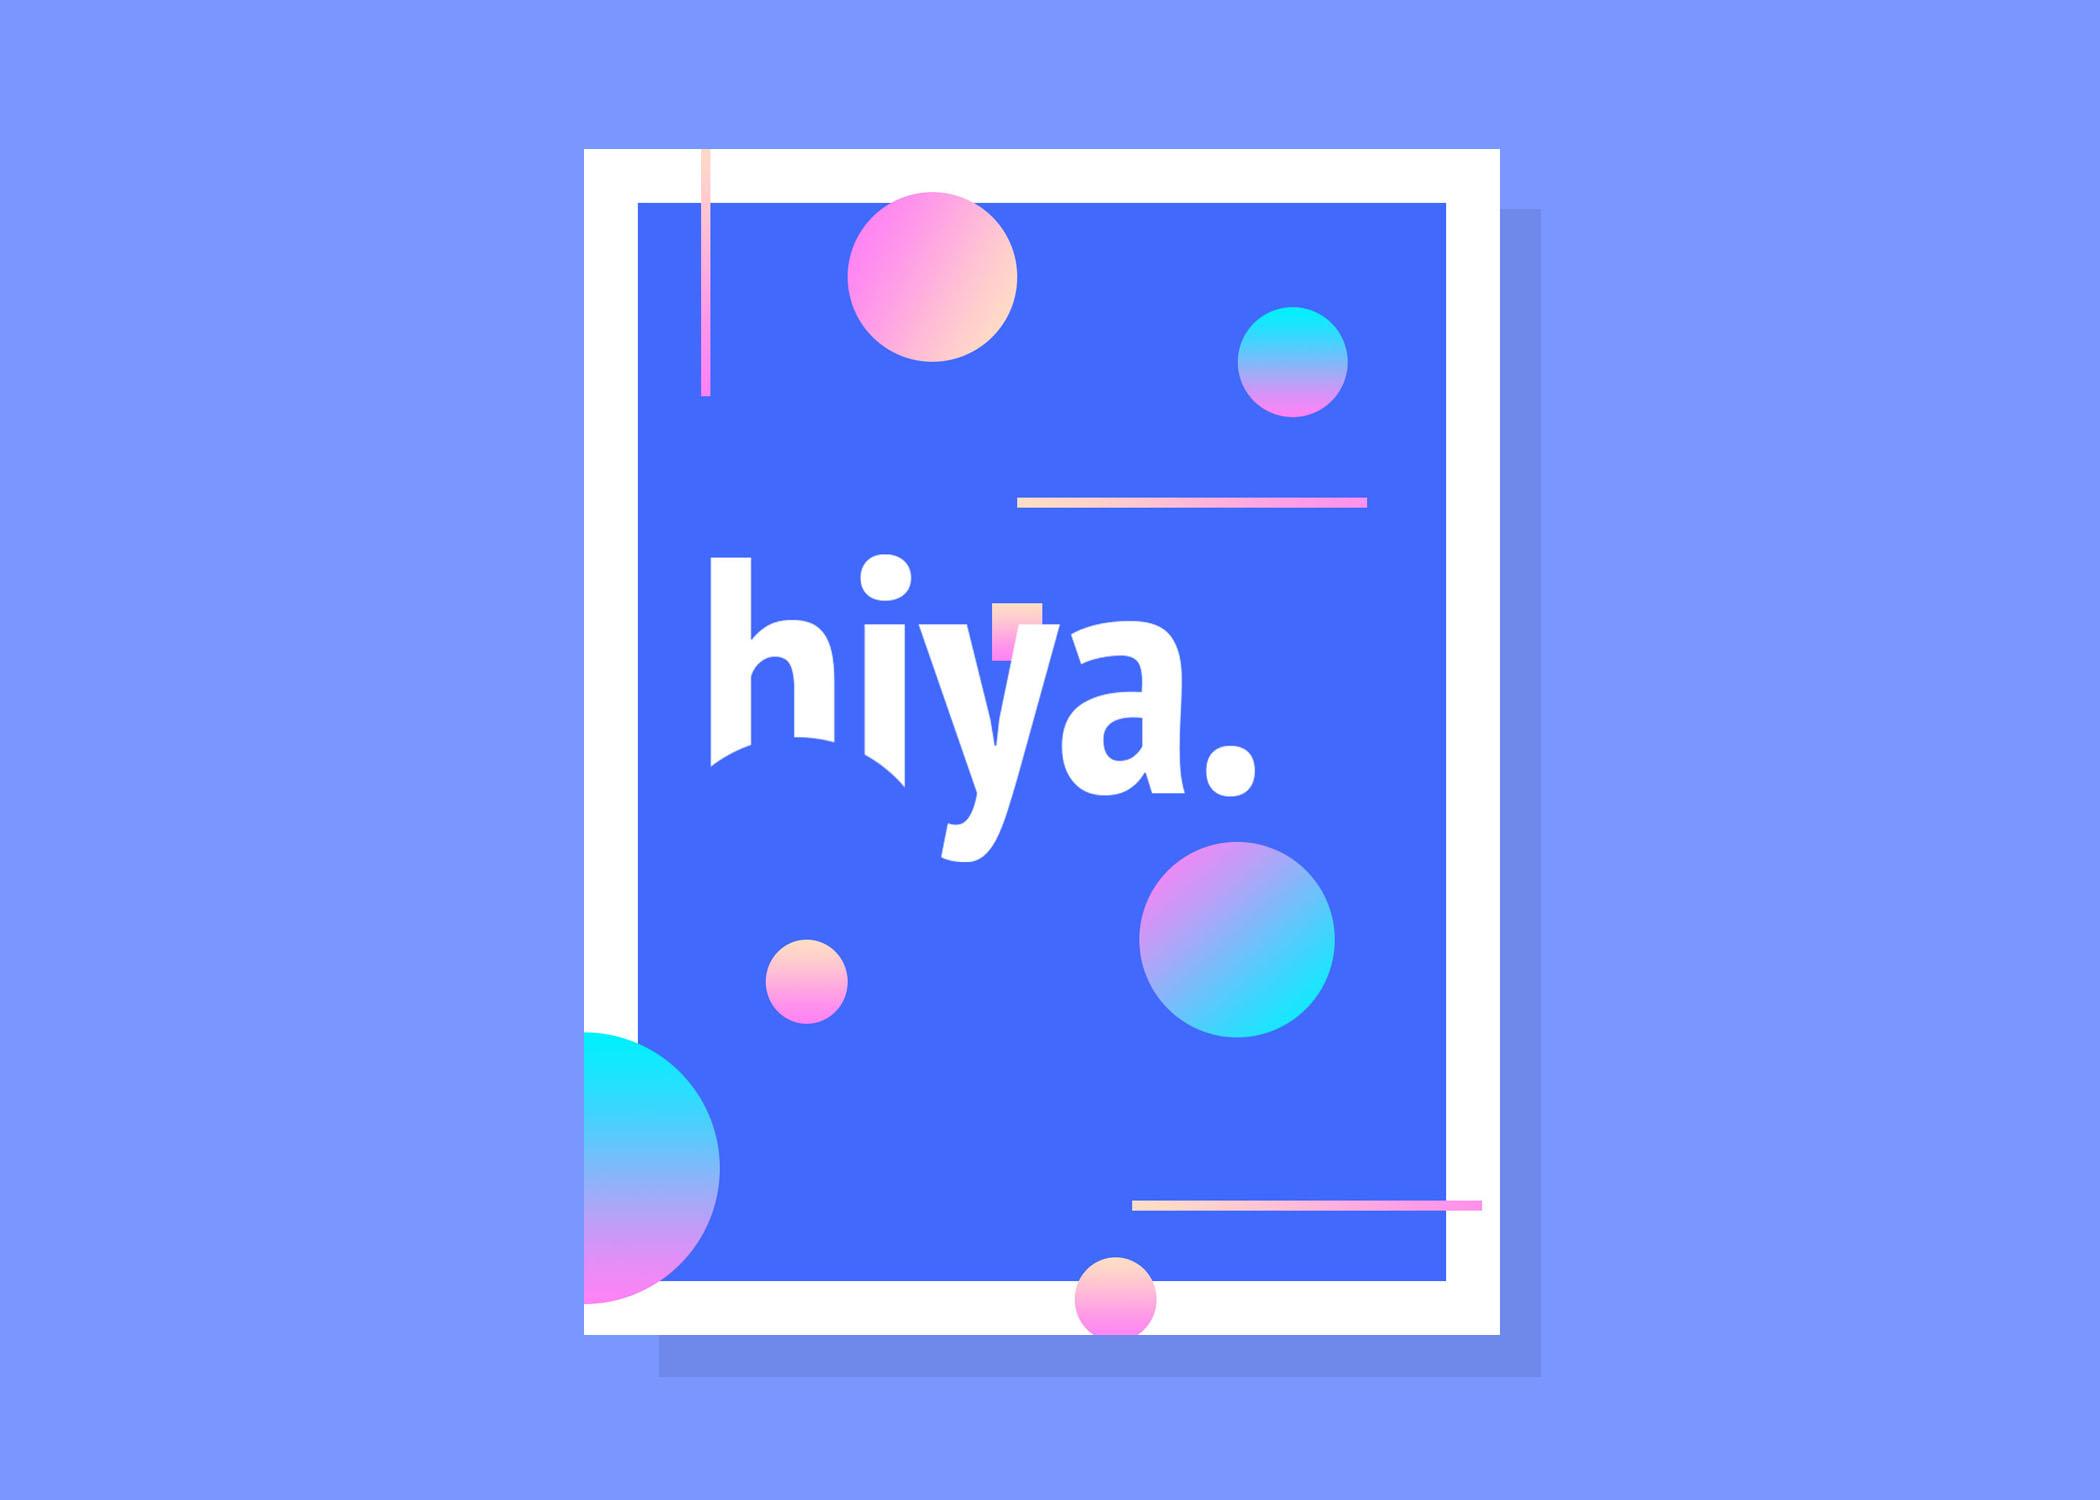 poster that says hiya